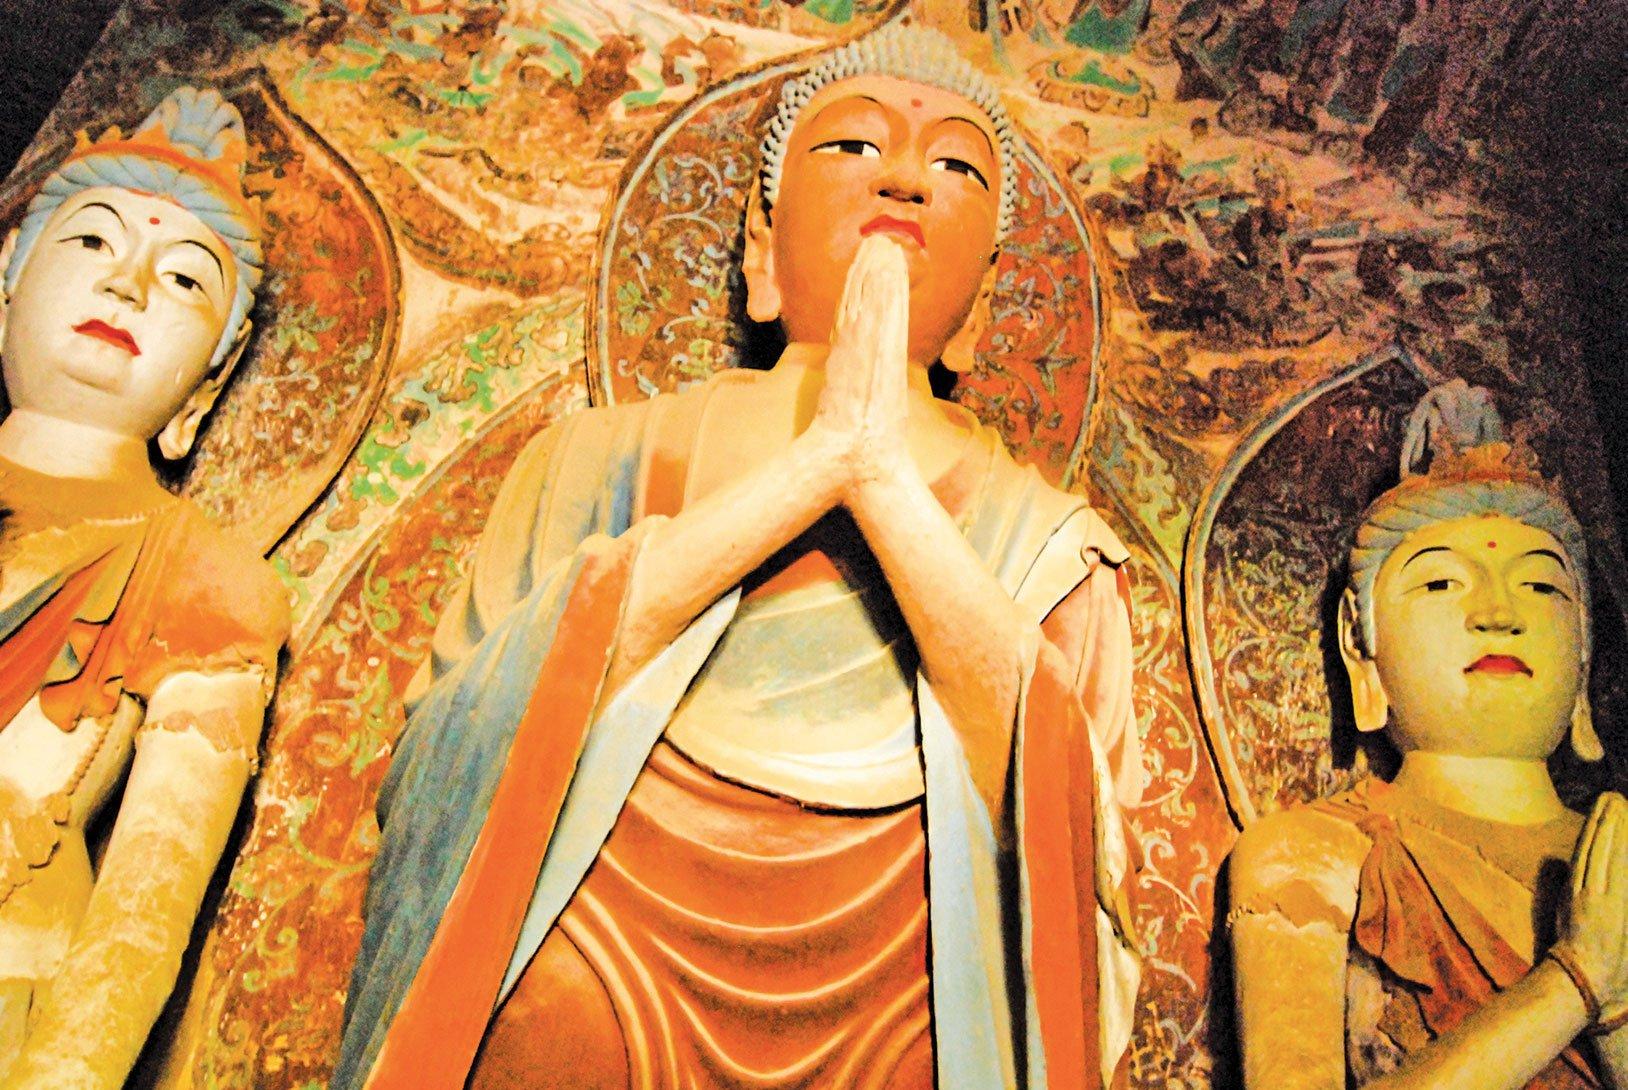 中國甘肅省敦煌市莫高窟千佛洞佛像。(Shutterstock)